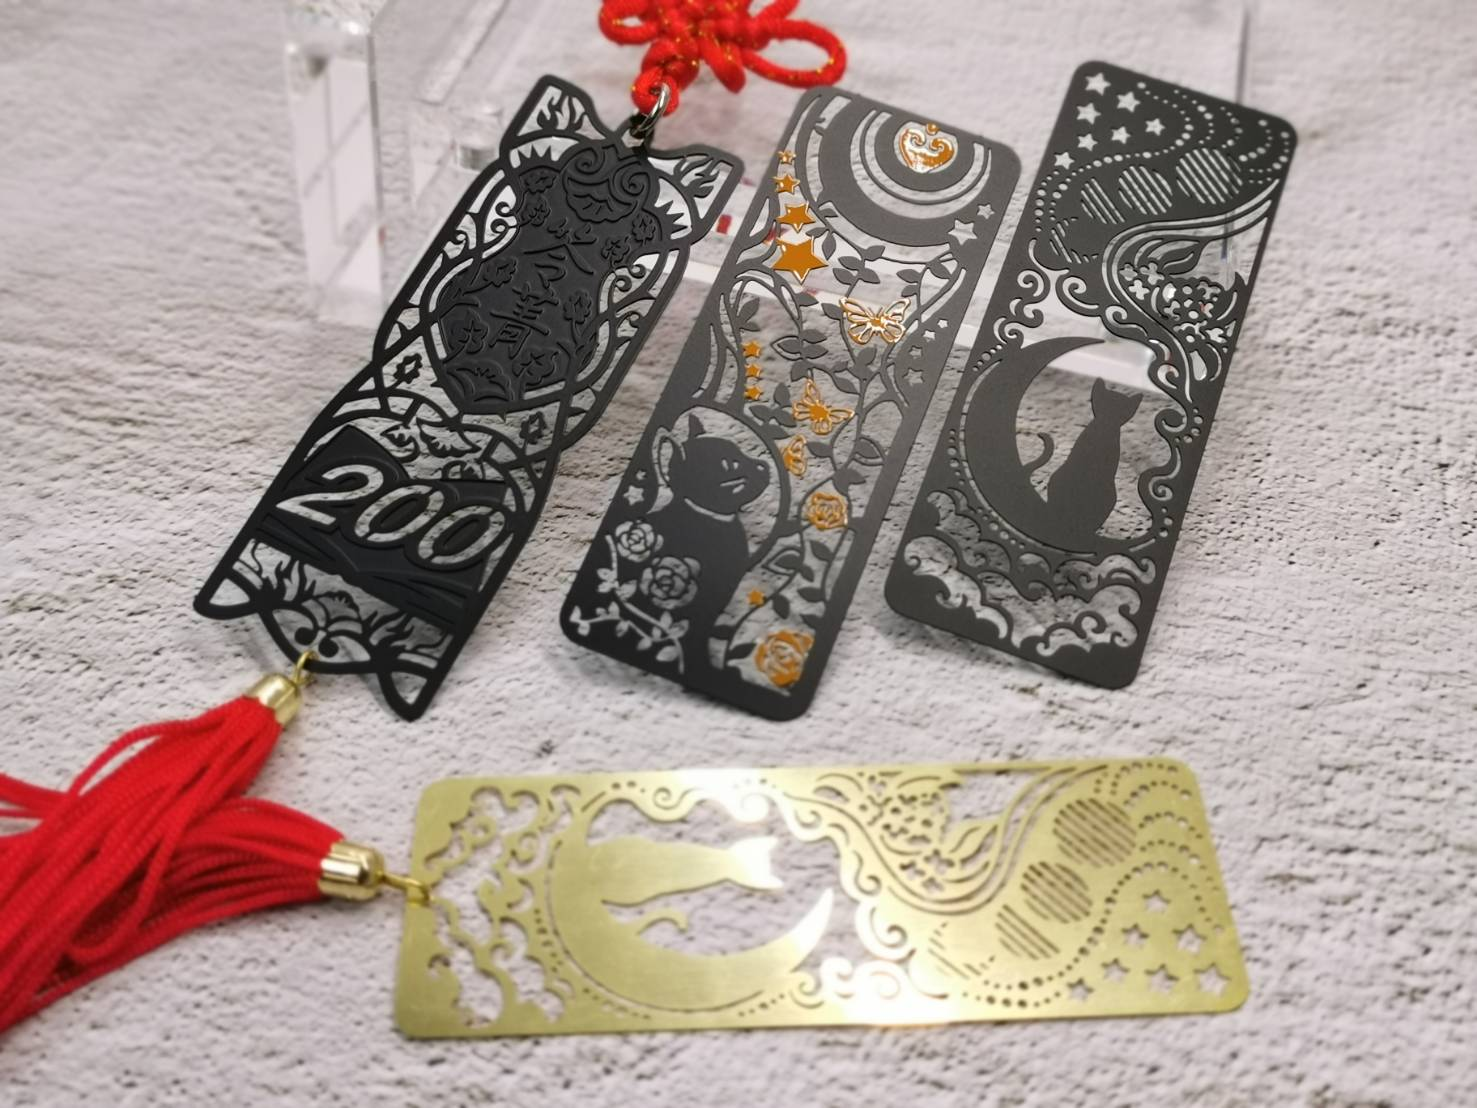 金屬書籤,金屬書籤價格,金屬書籤推薦,金屬銘牌,書籤,高級書籤,不鏽鋼書籤,電鍍書籤,玫瑰金書籤,烤漆書籤,書籤製作,書籤設計,黃金書籤,24k書籤,畢業書籤,禮品,贈品,企業禮品,旅遊紀念品,股東會紀念品,簍空書籤,鏡面書籤,雙色書籤